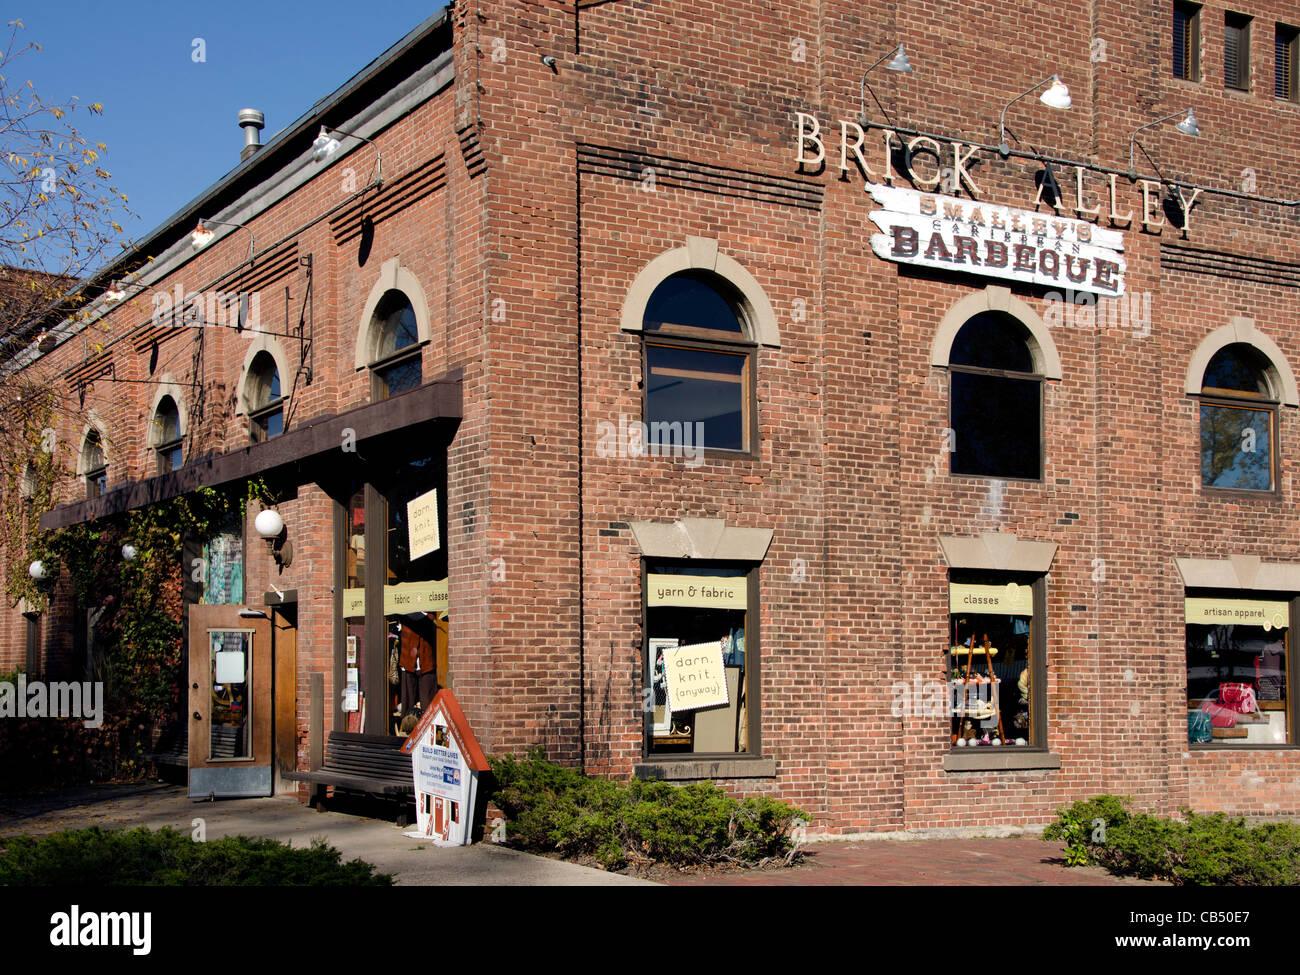 Die Ziegel-Gasse ist ein historisches Gebäude in Stillwater, Minnesota, wo viele Geschäfte befinden. Stockbild